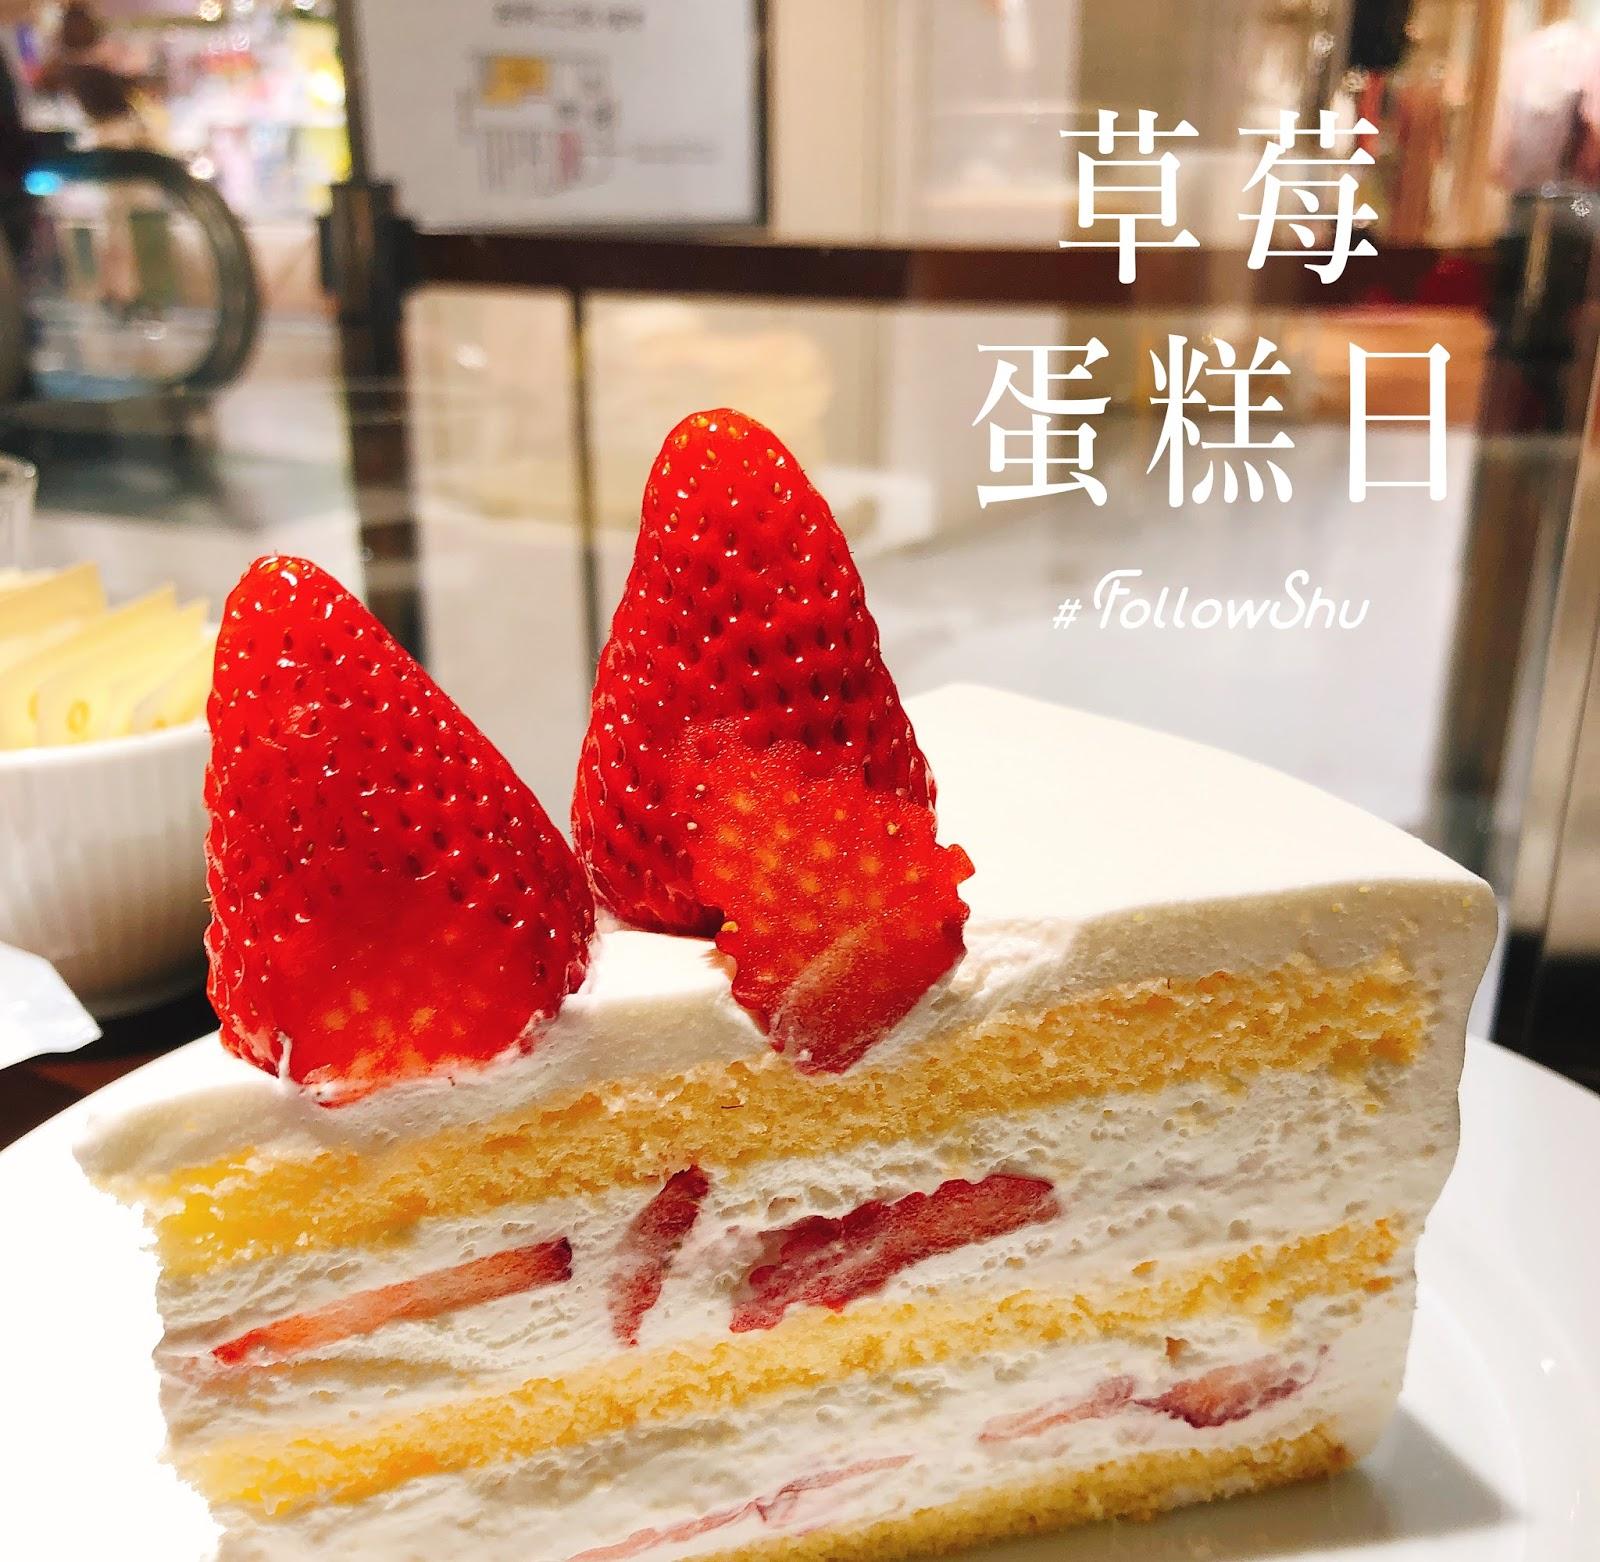 """聽說22日是""""草莓蛋糕日""""?草莓蛋糕為什麼叫做short cake? - #Followshu"""